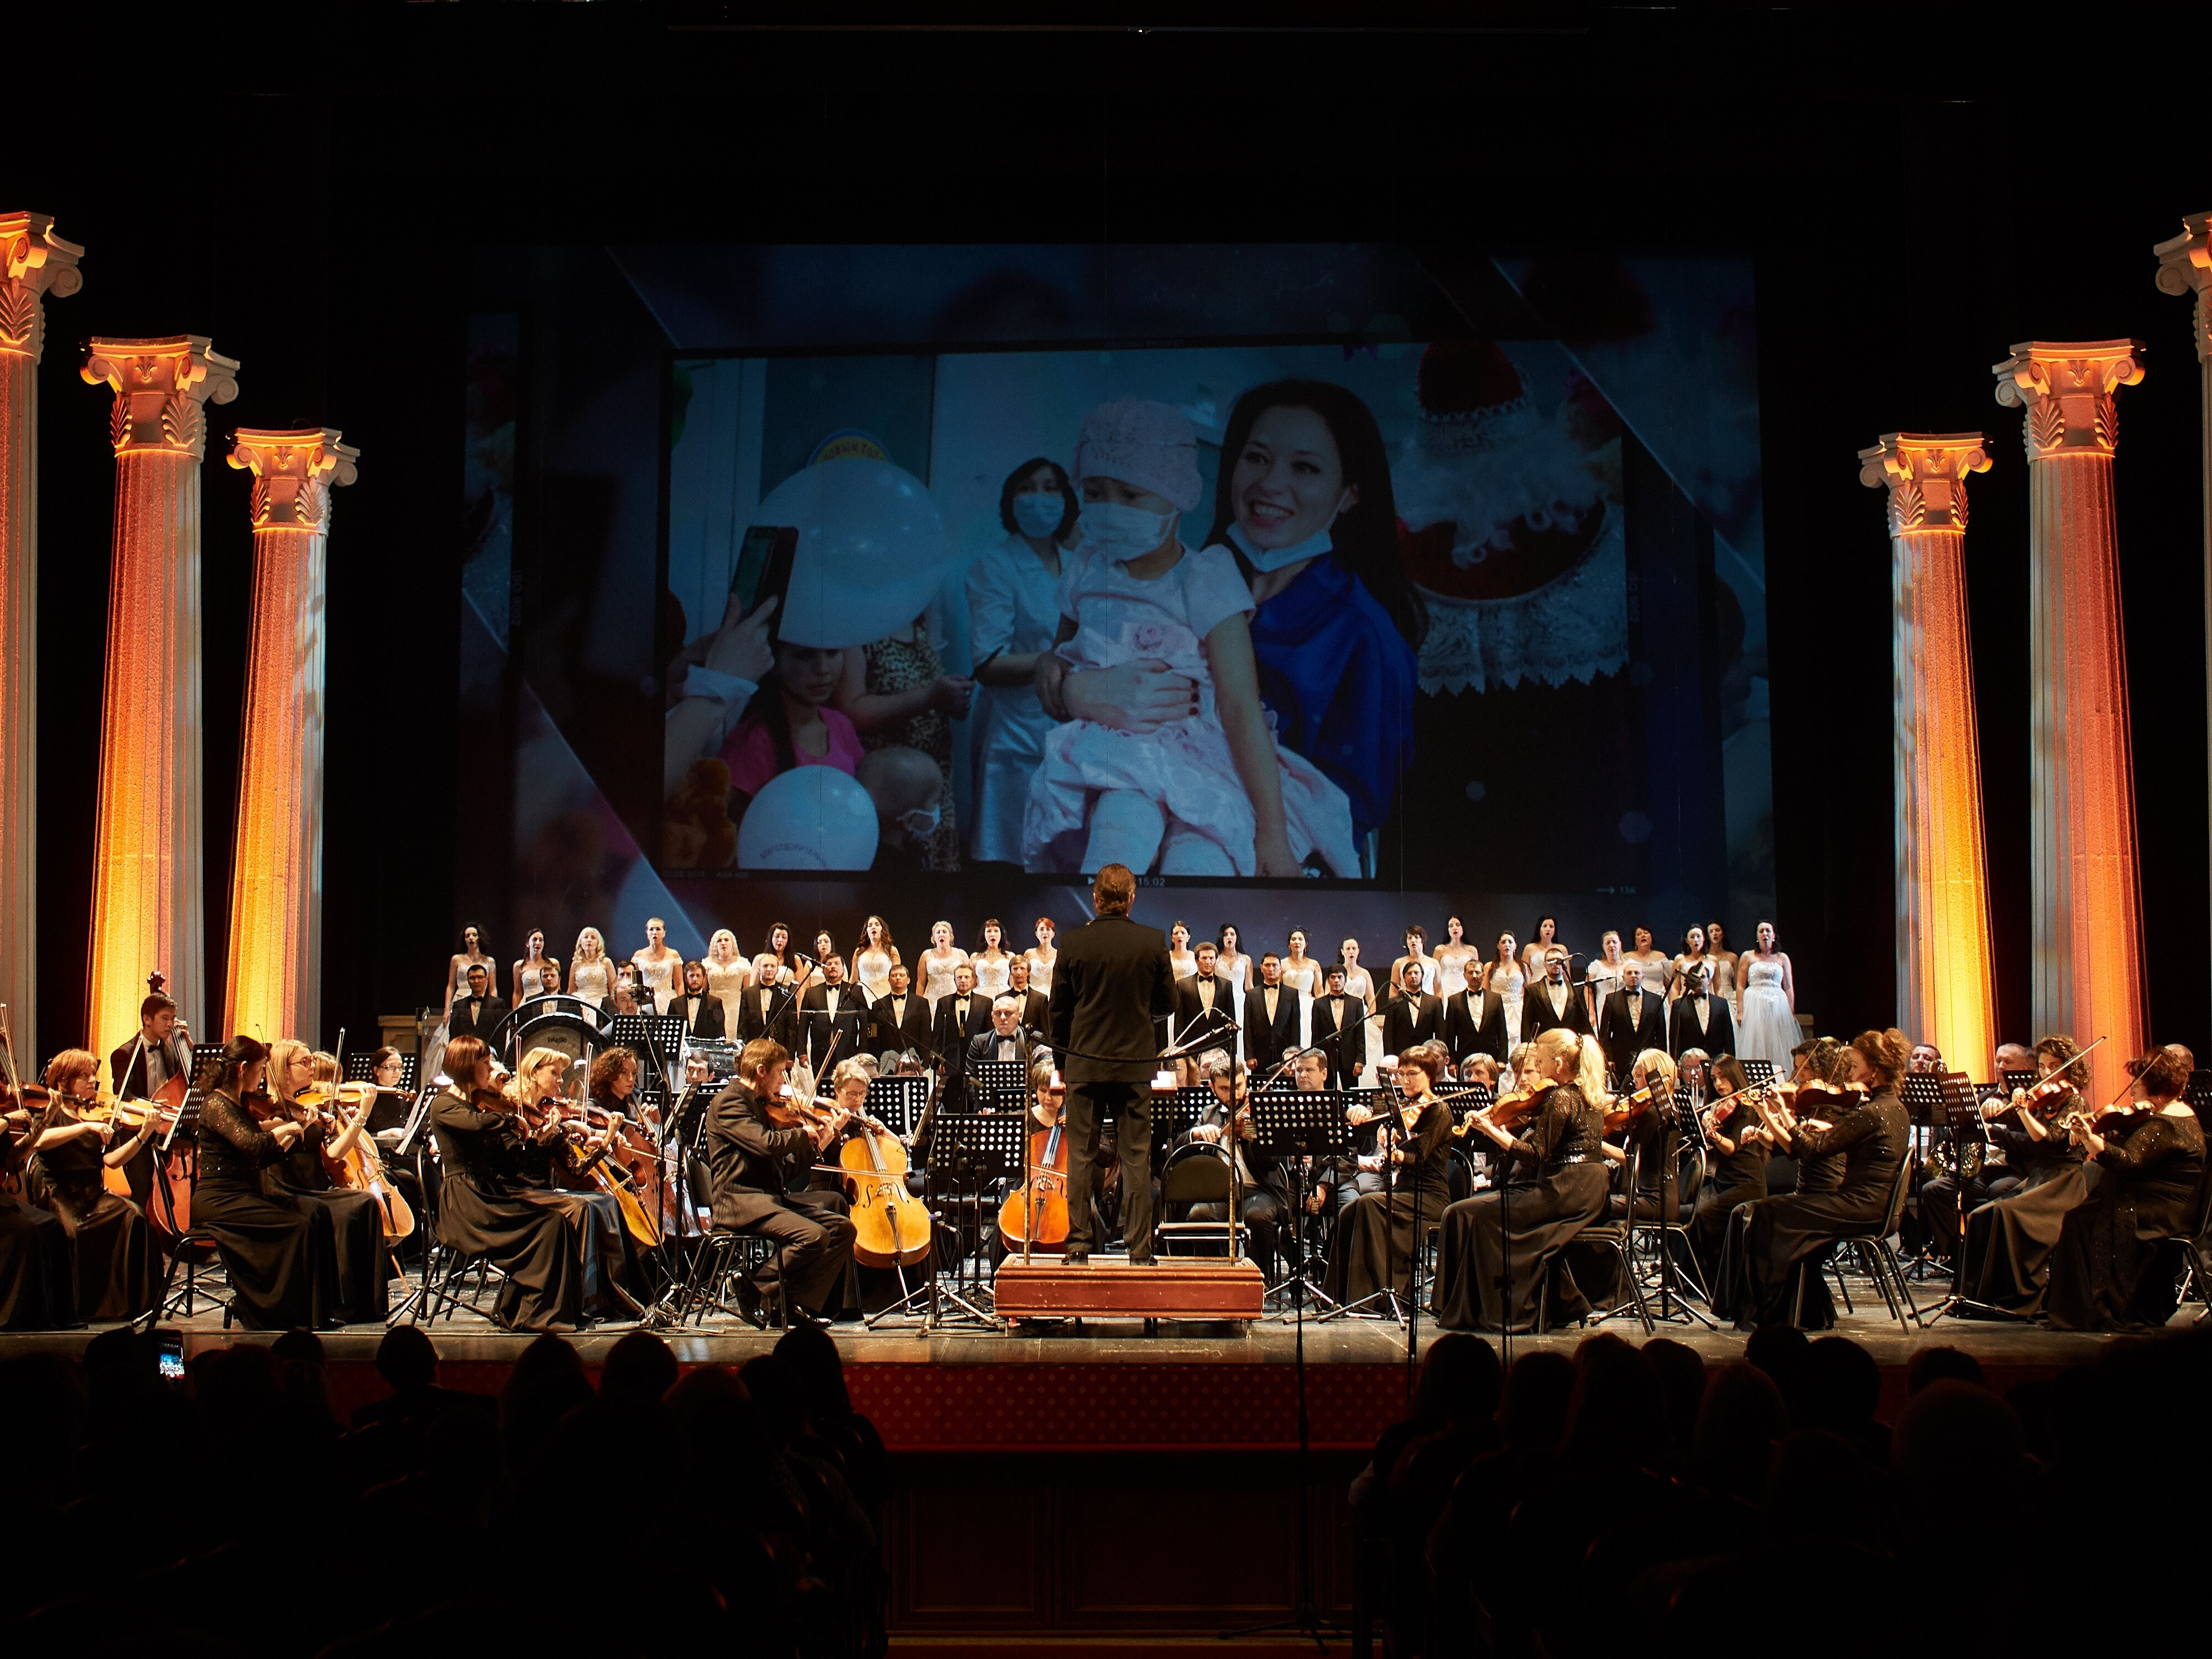 В Астраханском государственном театре Оперы и Балета состоялся благотворительный концерт с участием оперных звёзд